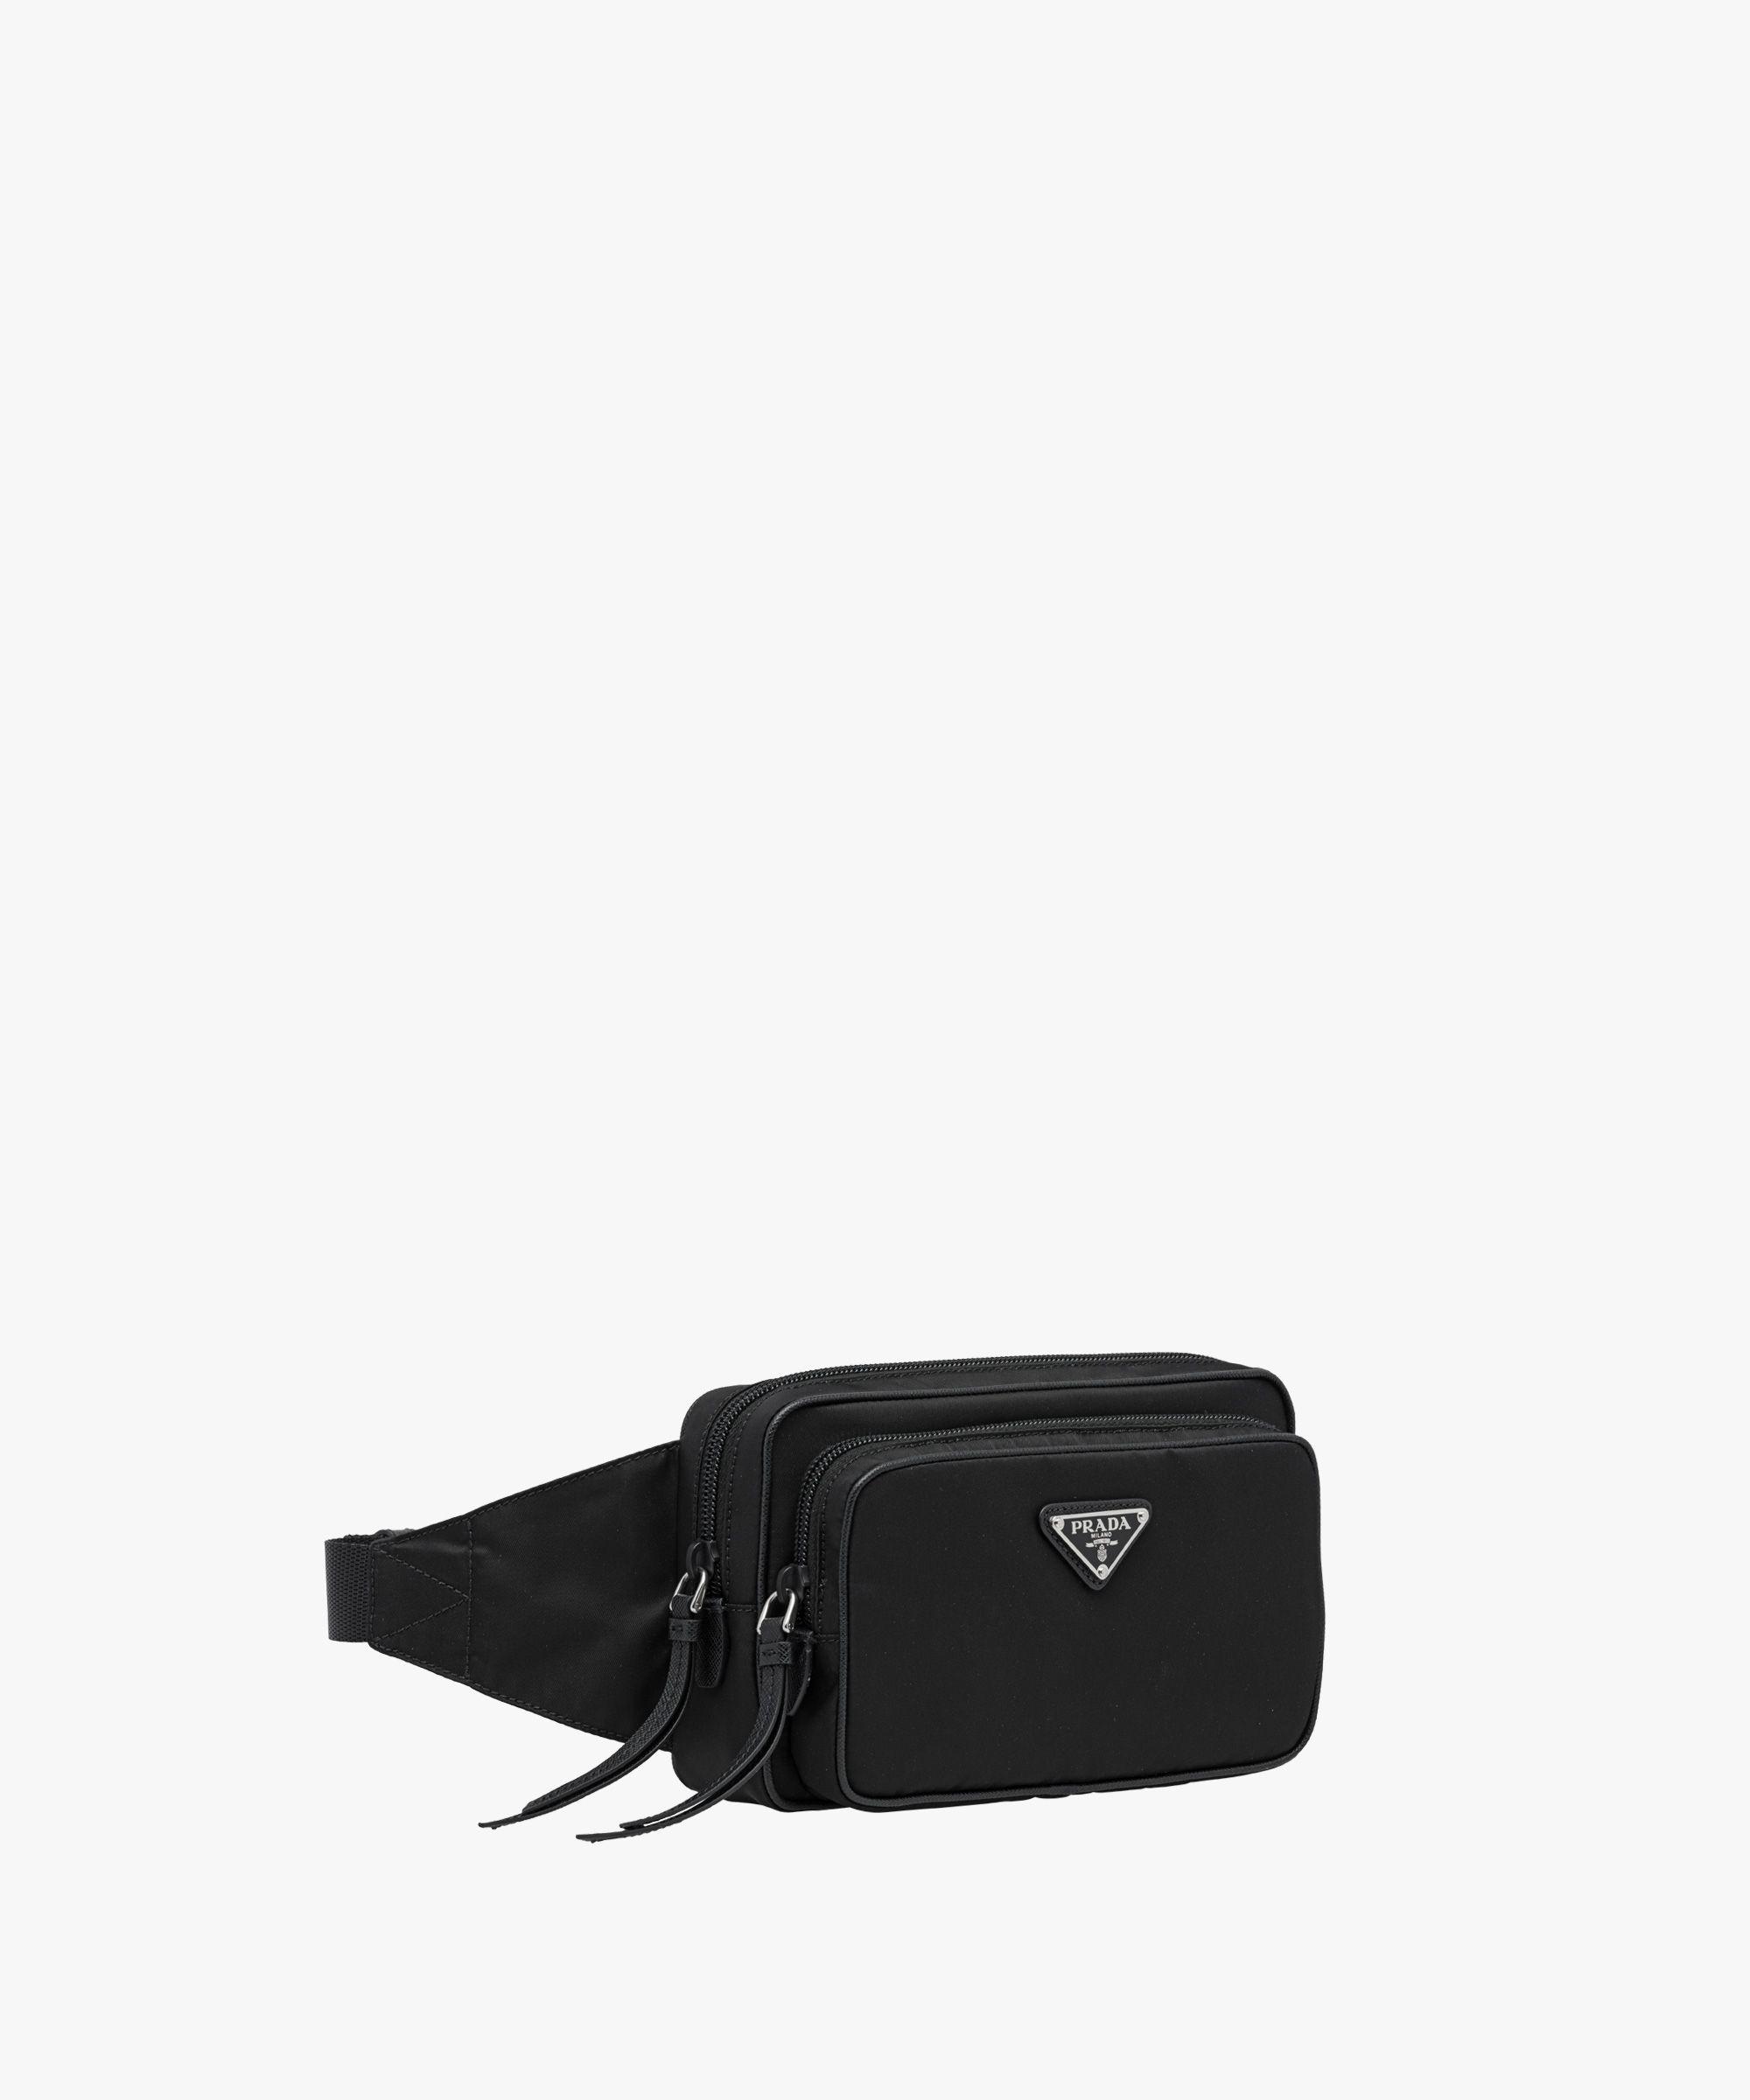 5293ed129c3a ... official prada nylon and leather belt bag 66505 9e8e0 ...